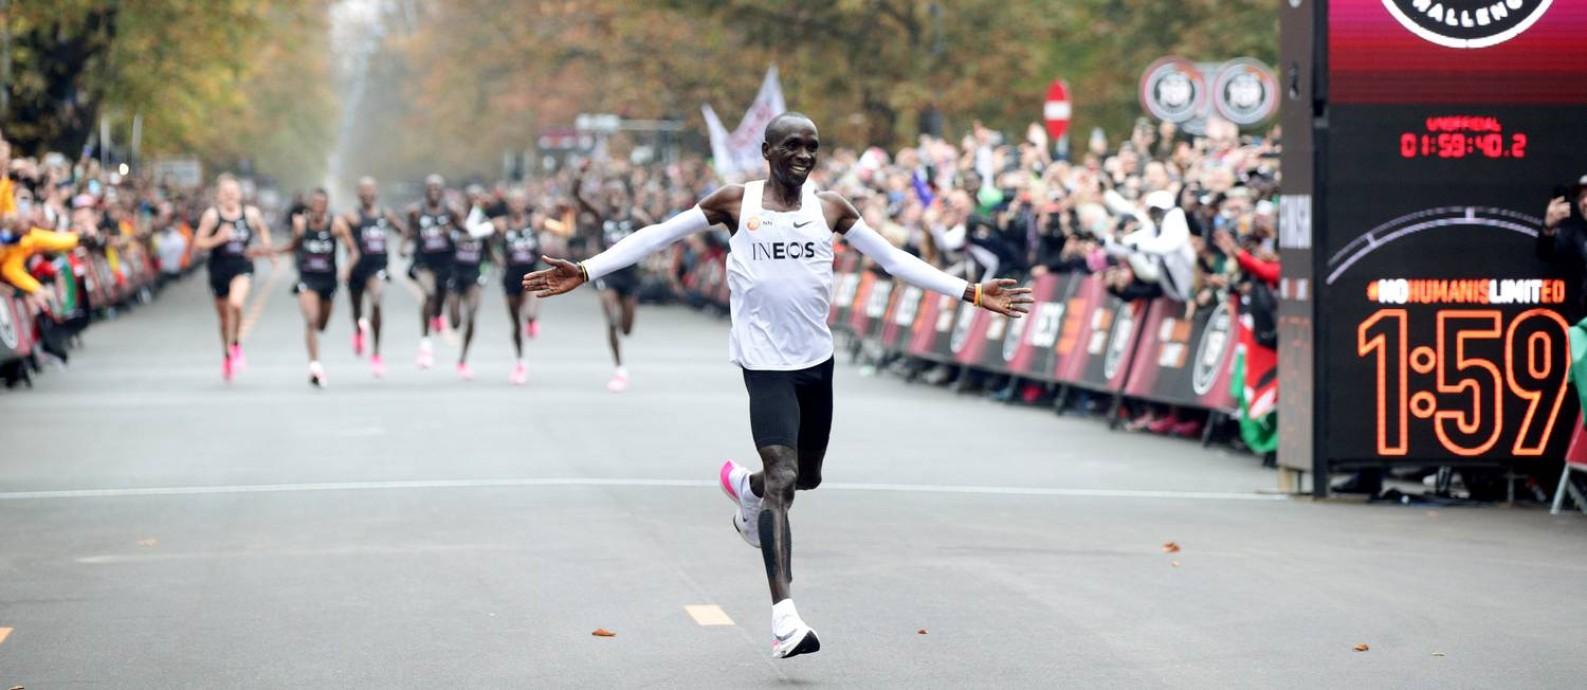 Eliud Kipchoge na chegada do desafio de correr a maratona em menos de 2 horas Foto: LISI NIESNER / REUTERS